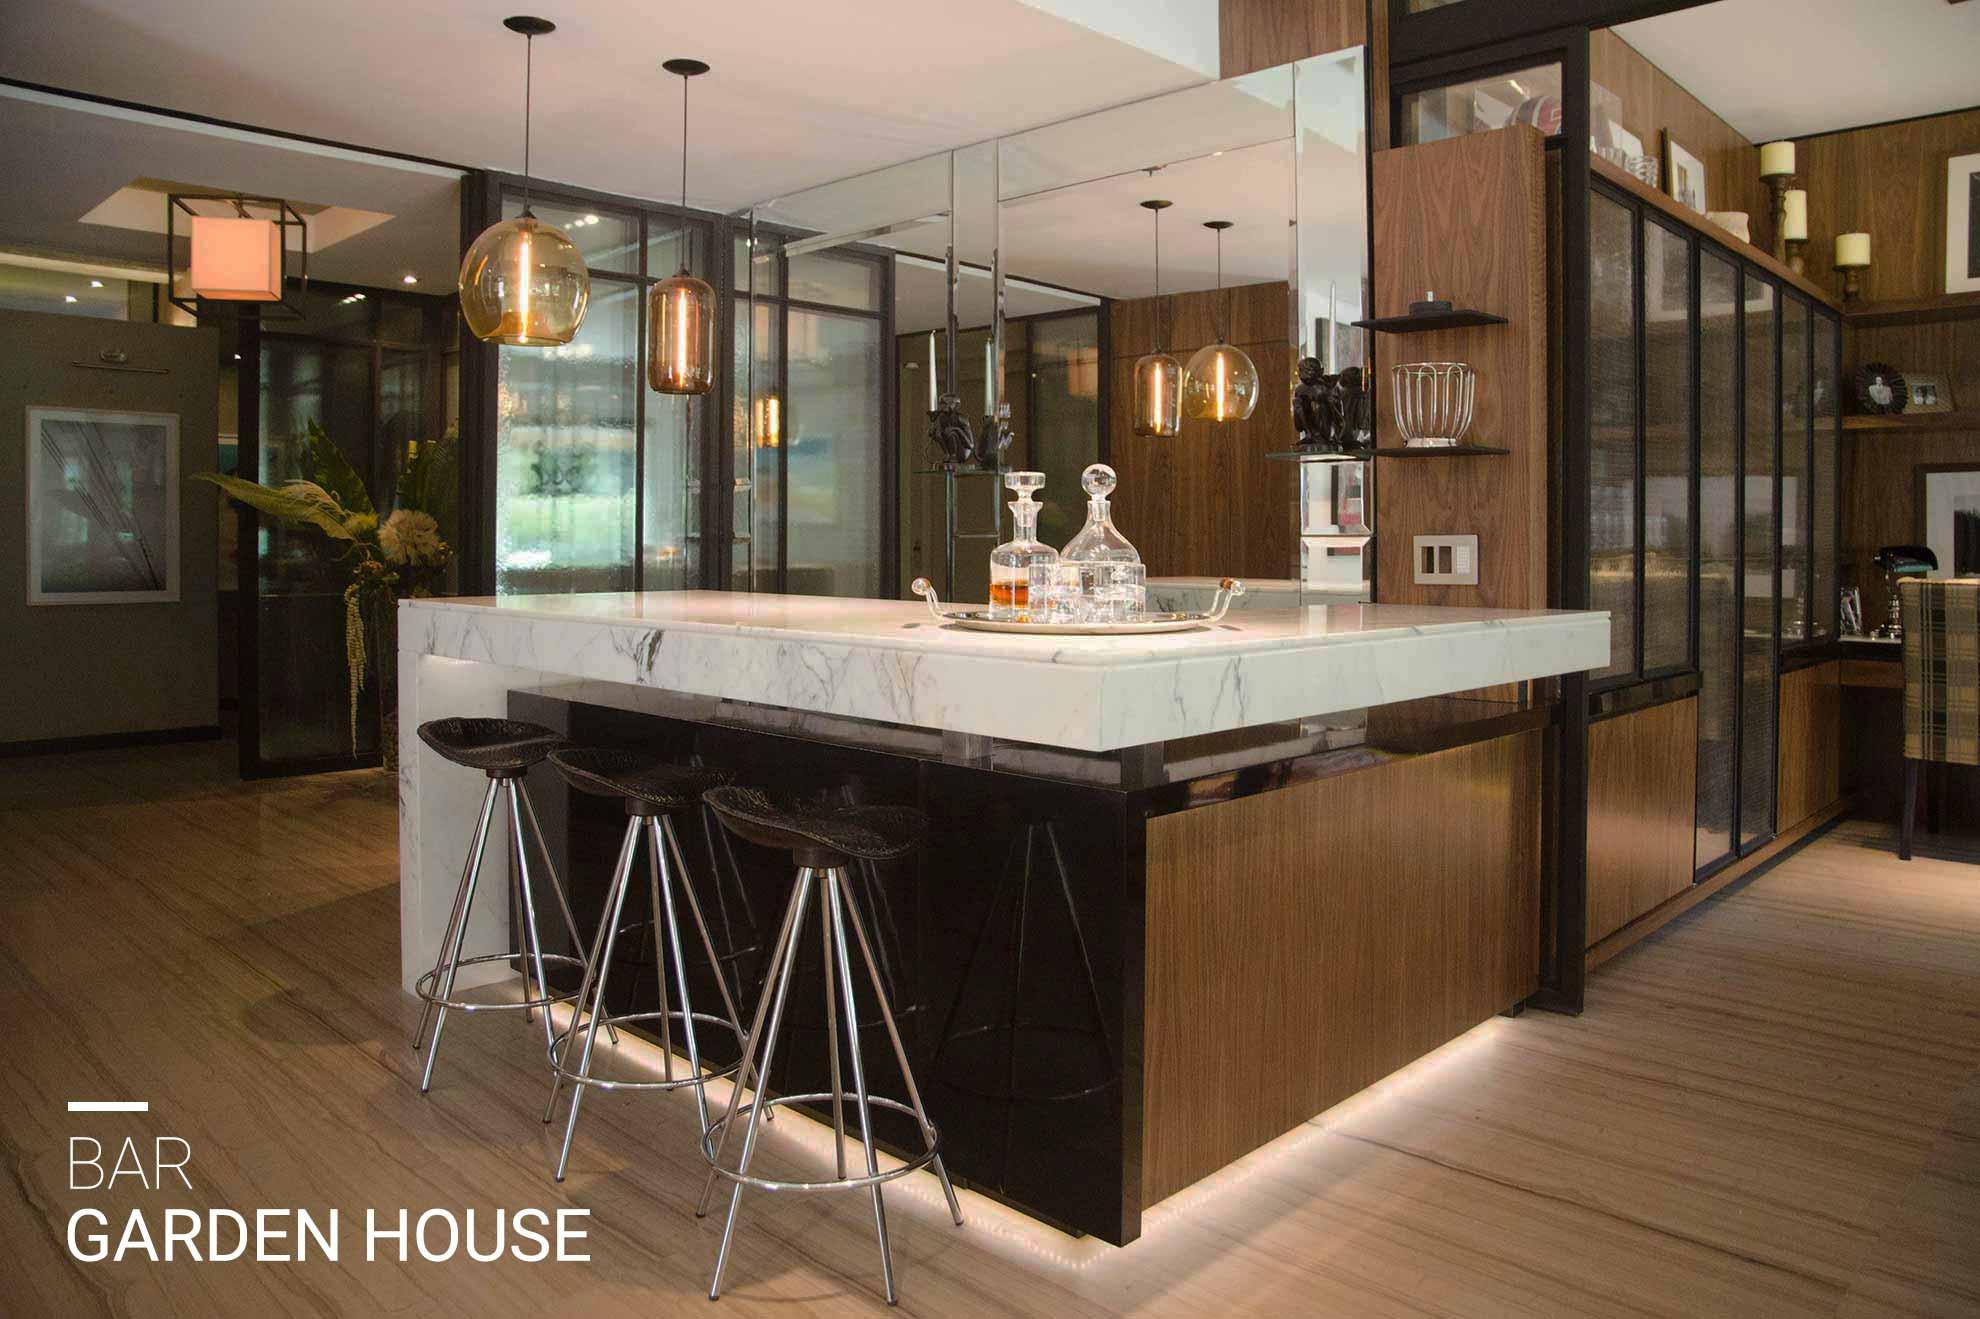 Bar Garden House, espacio diseñado y creado por el despacho arquitectónico de interiores Depa 102